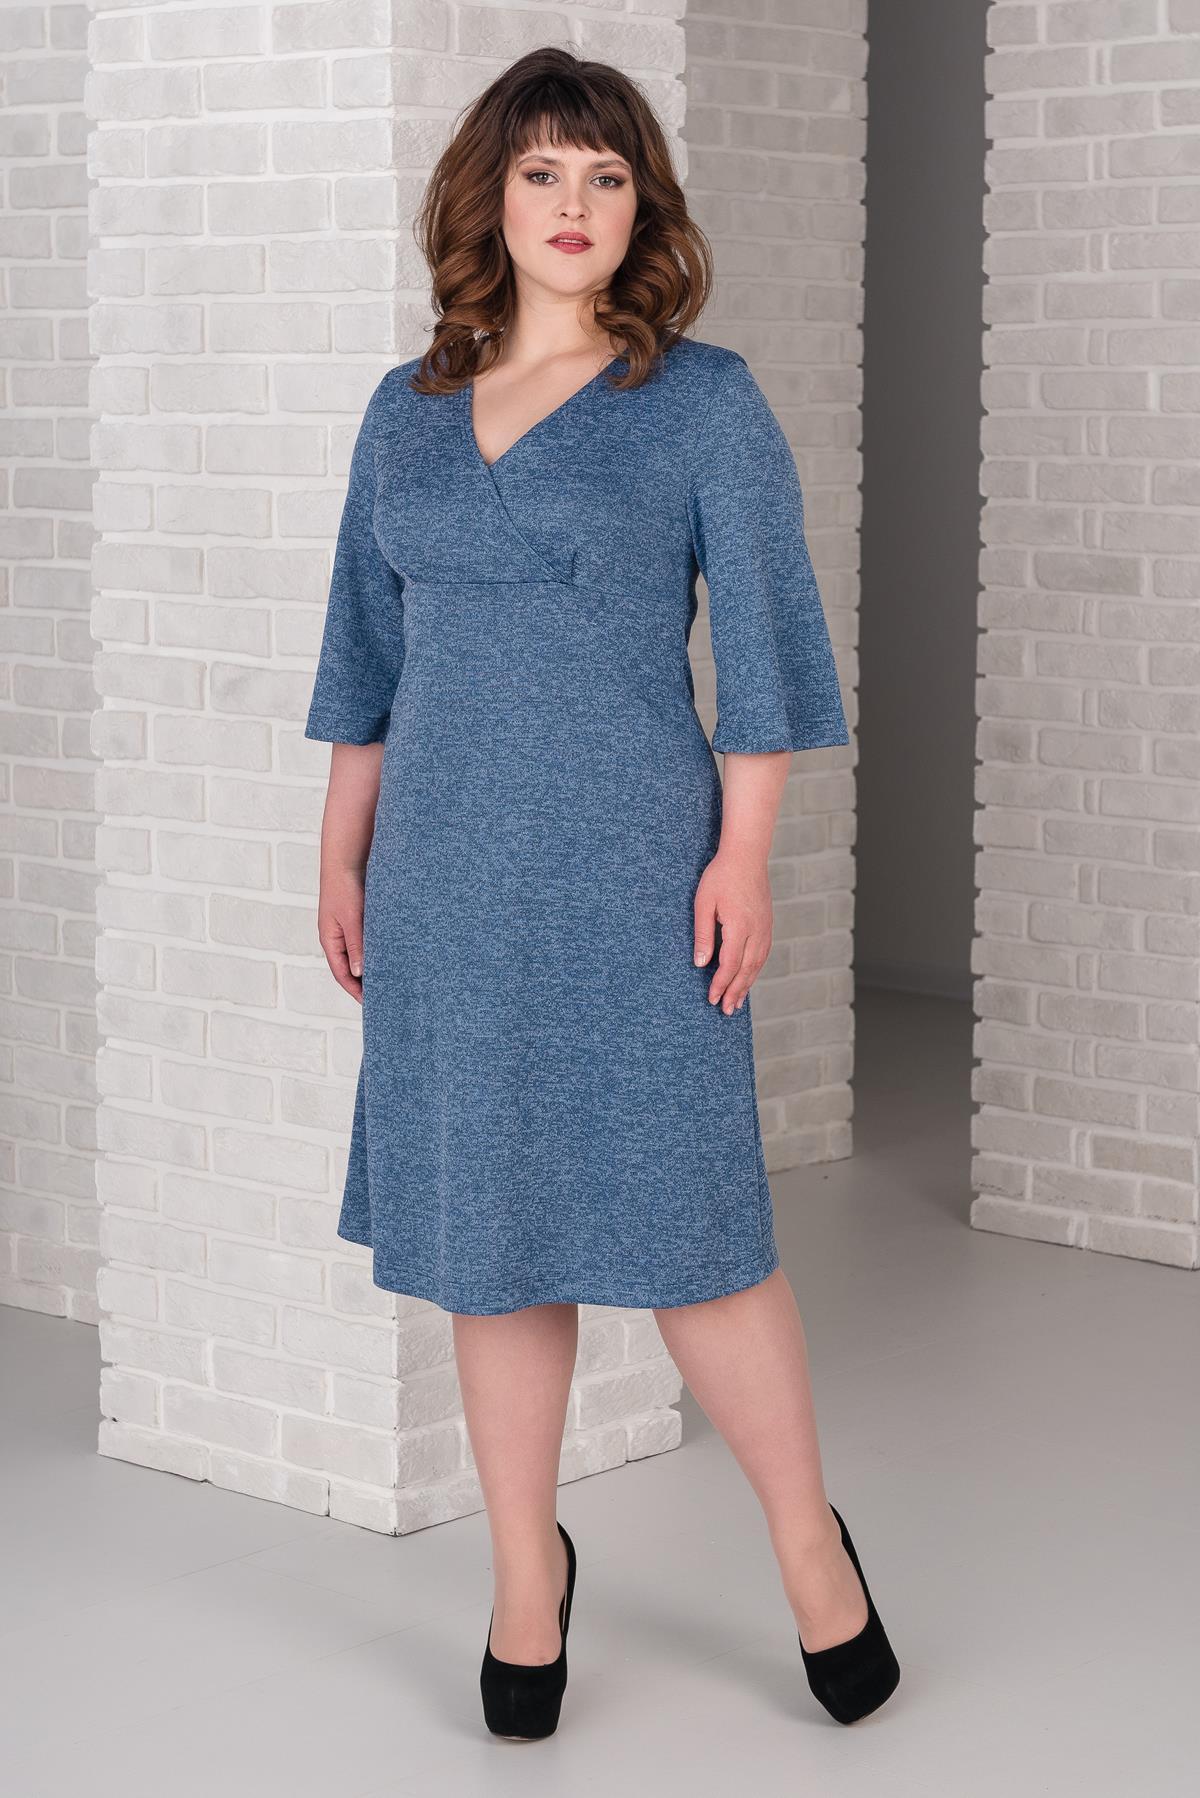 Жен. платье арт. 19-0377 Голубой р. 52 фото